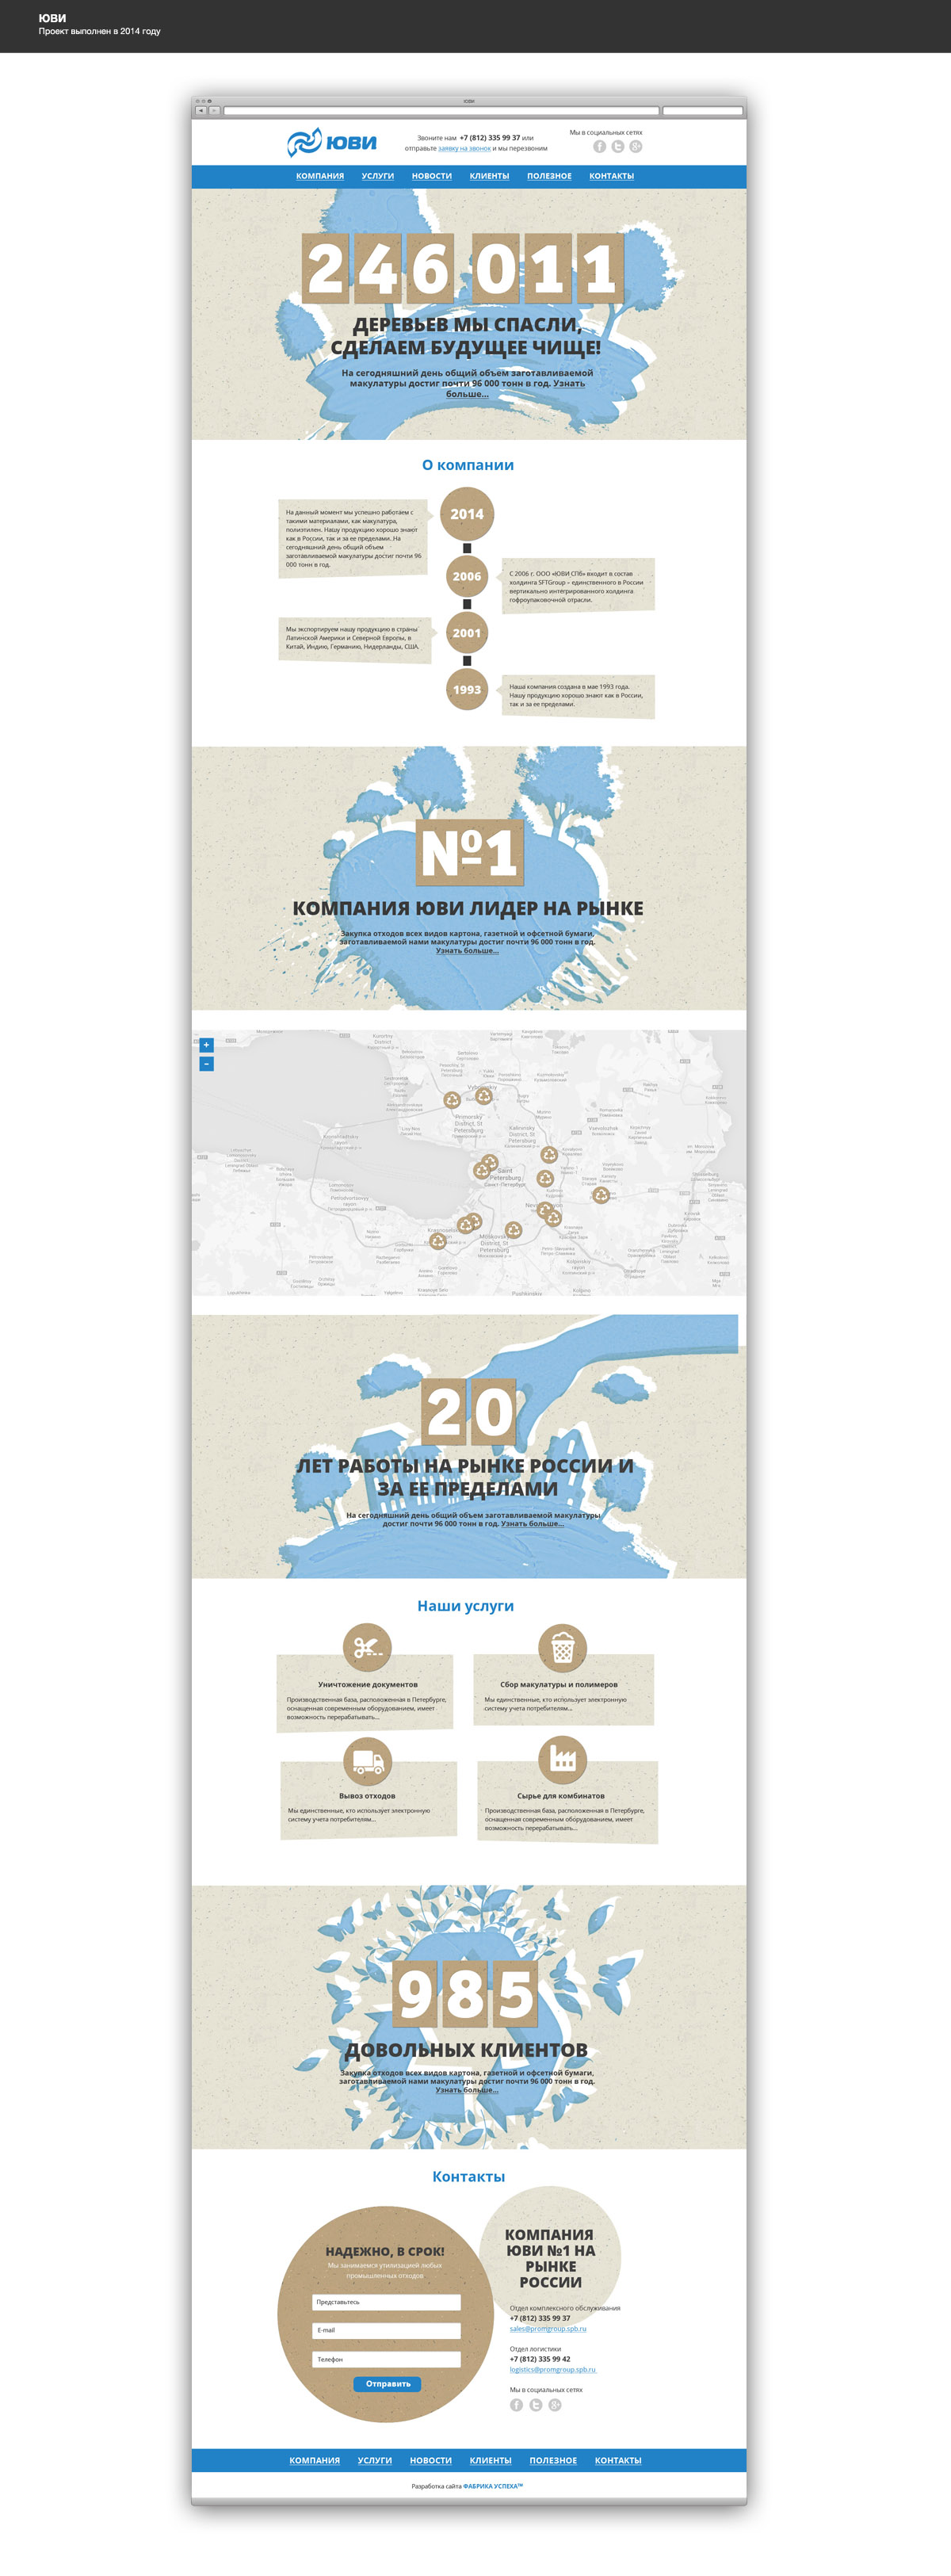 ЮВИ, корпоративный сайт, социальный проект